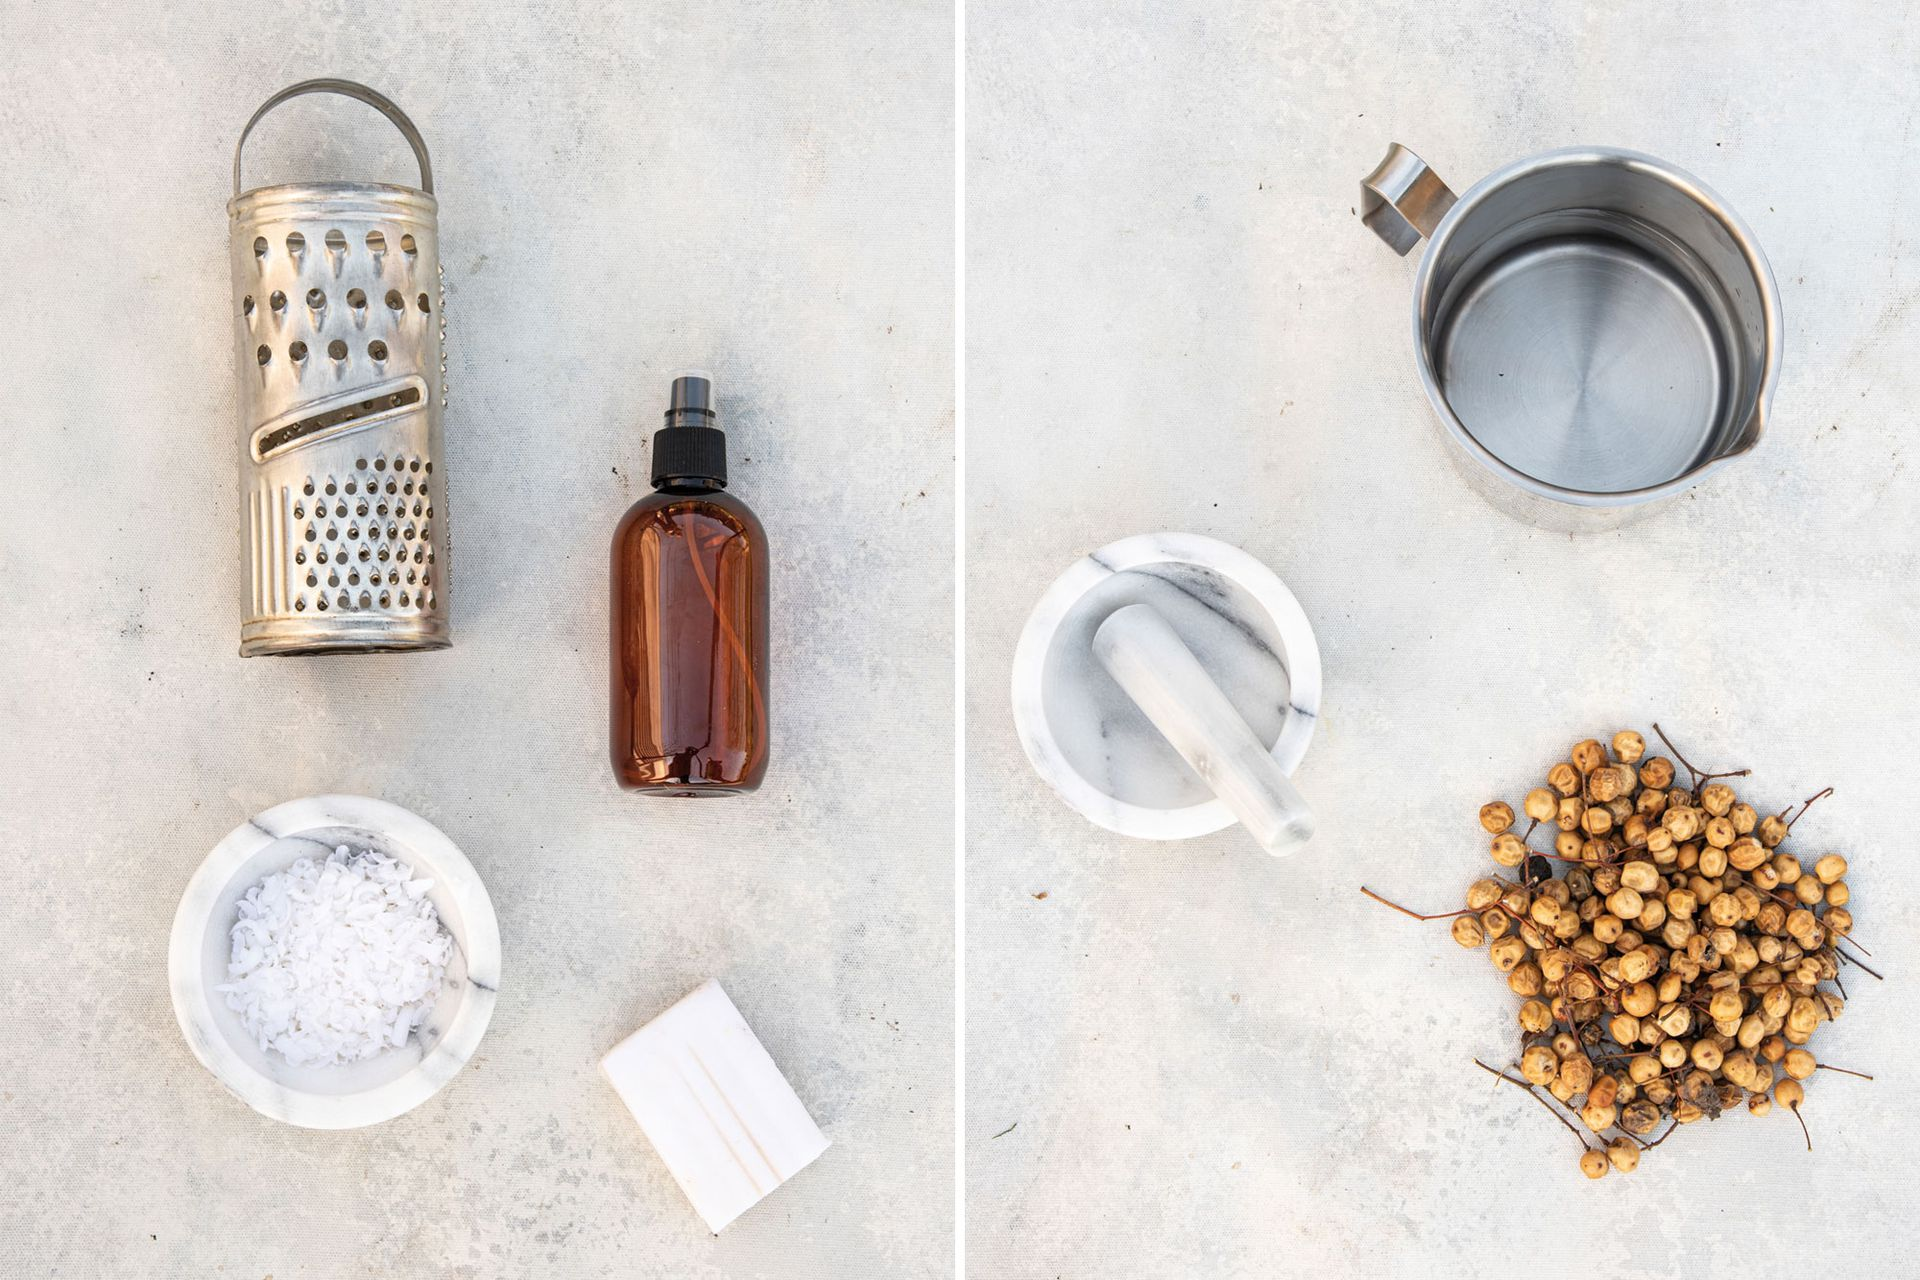 Izquierda: Preparado de jabón blanco. Derecha: Purín de paraíso (Melia azedarach).